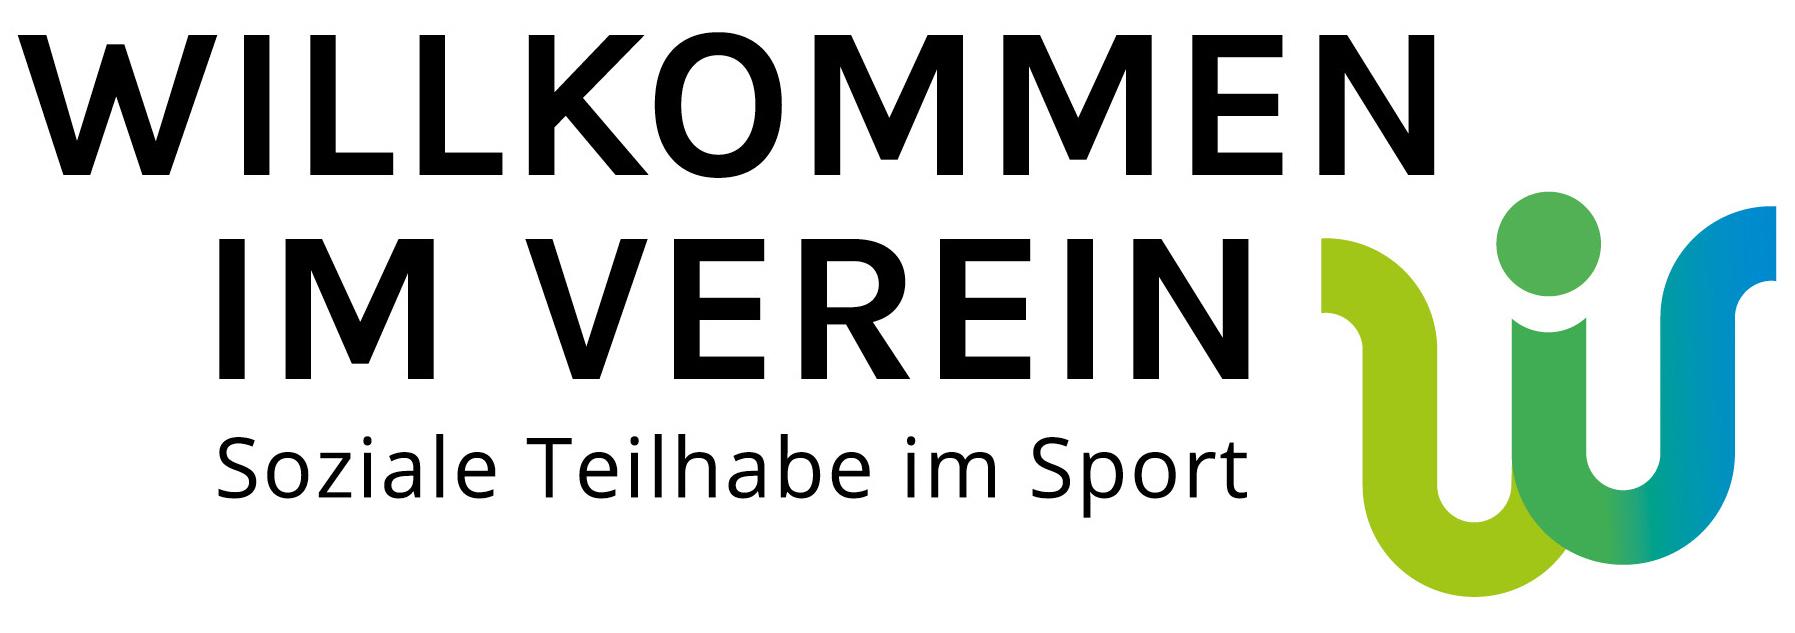 Willkommen im Verein - Soziale Teilhabe im Sport